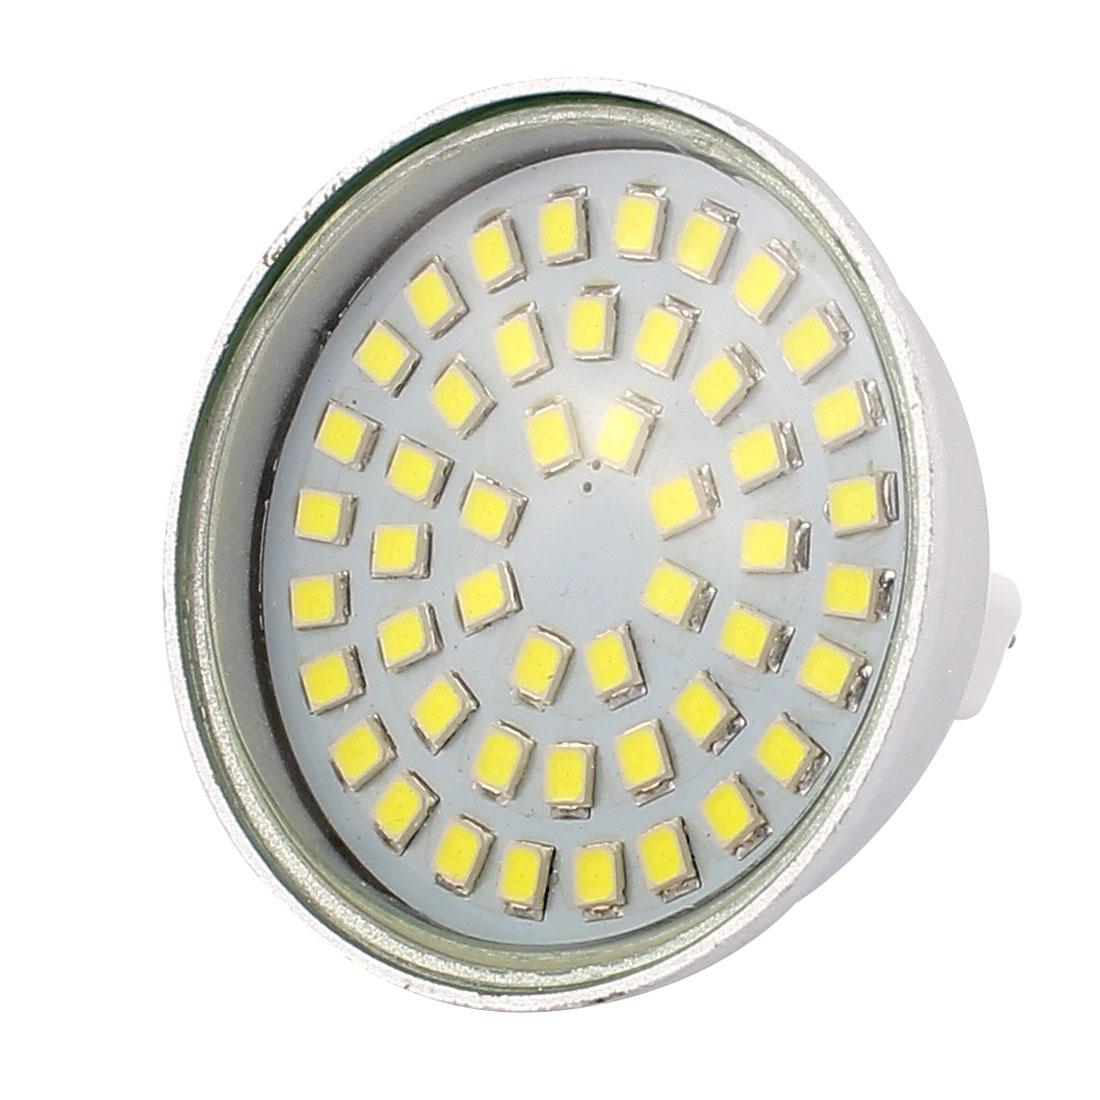 220V 4W MR16 2835 SMD 48 LEDs LED Bulb Light Spotlight Lamp Energy Saving White